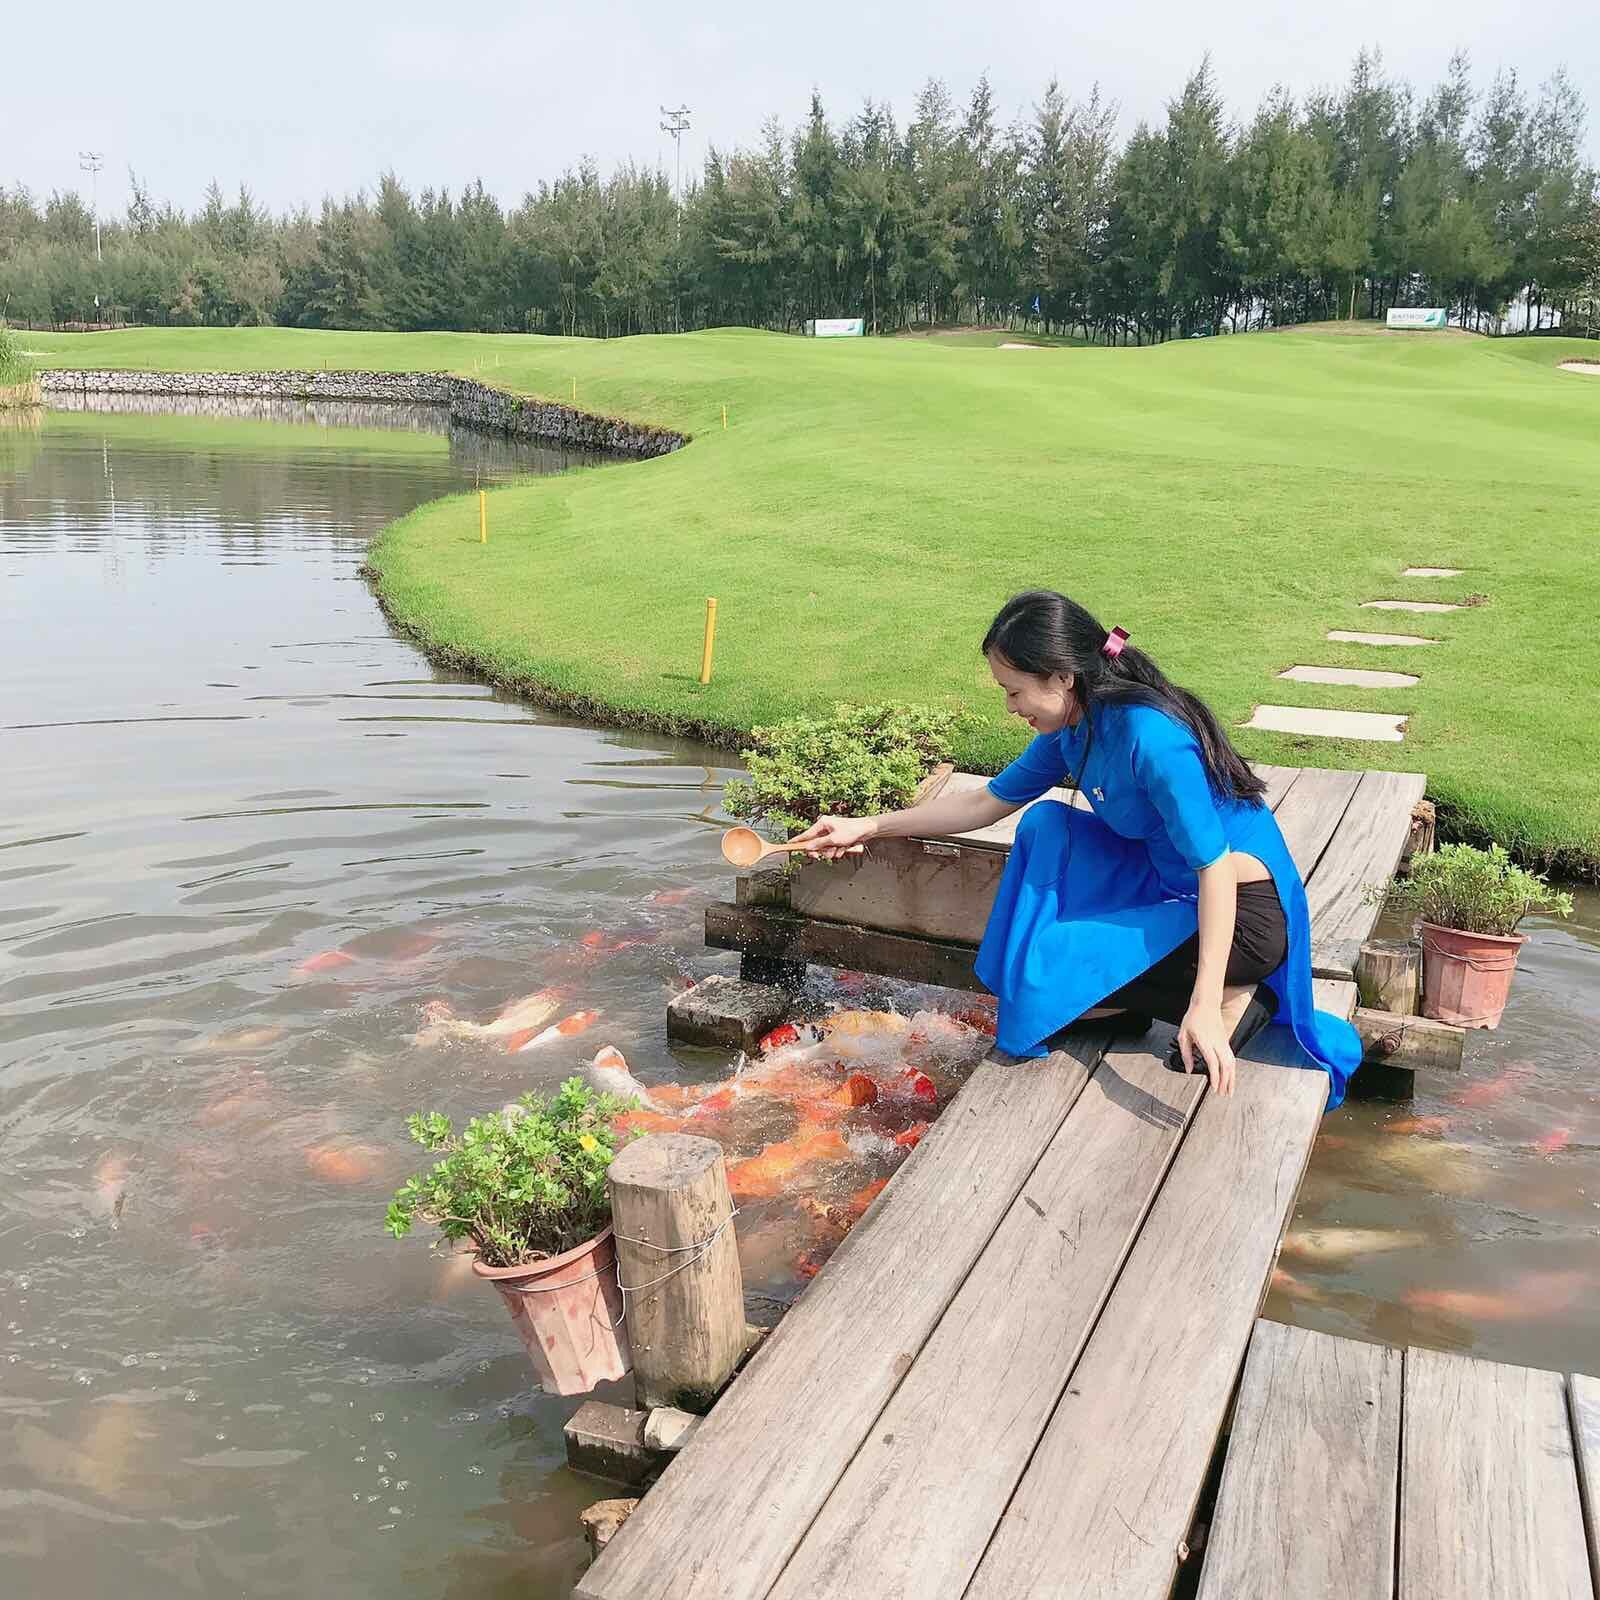 sân golf - hình ảnh đẹp flc sầm sơn